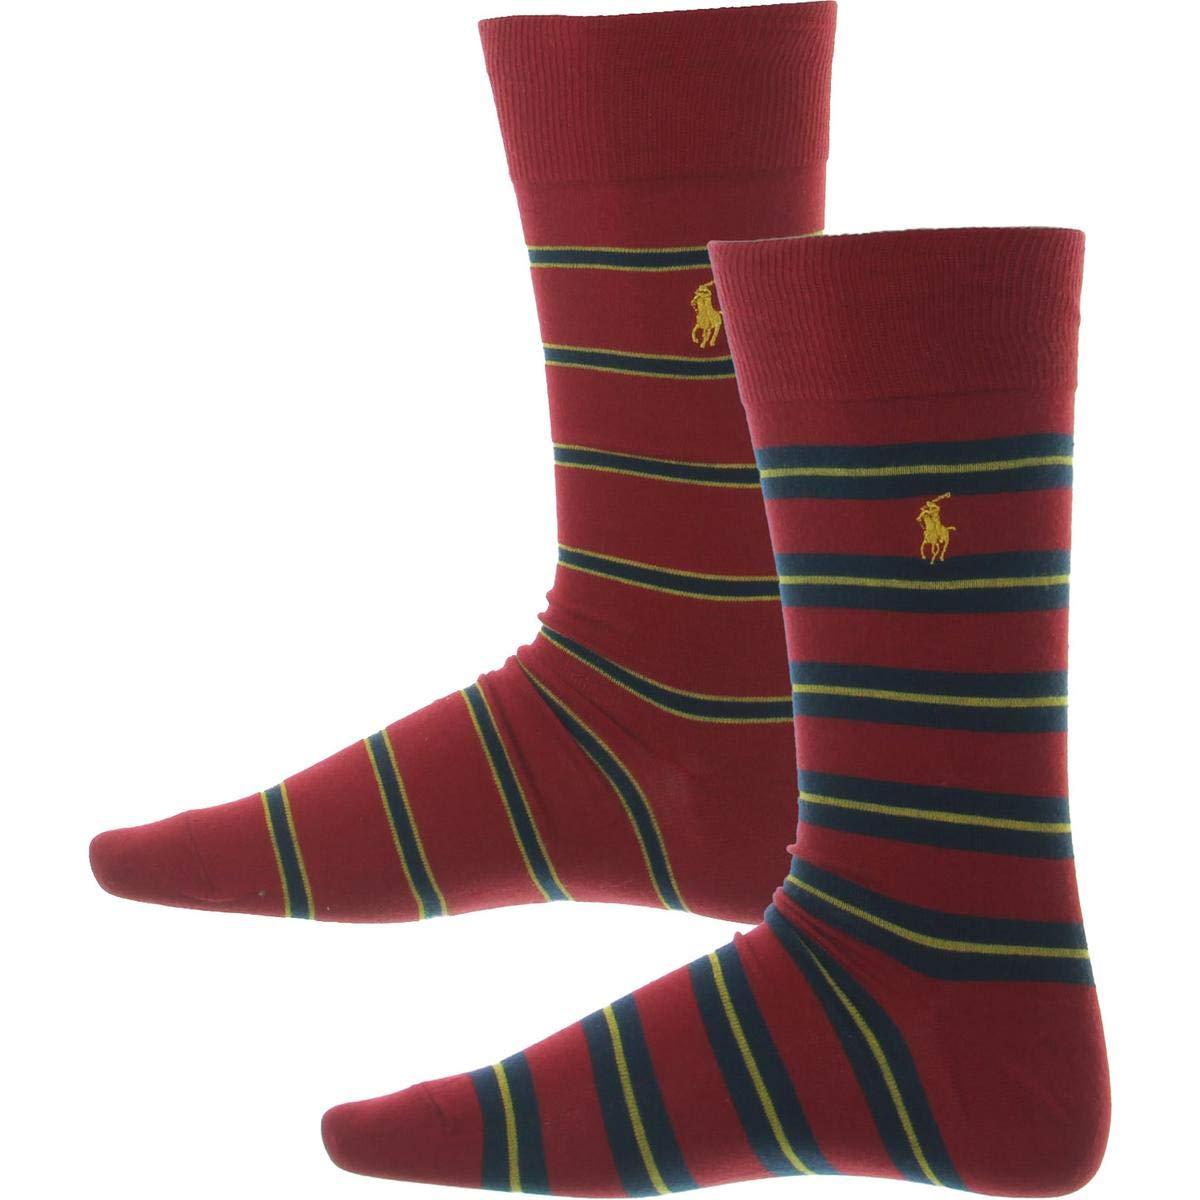 Polo Ralph Lauren - 2 pares de calcetines (talla 39 a 45) - Rojo ...